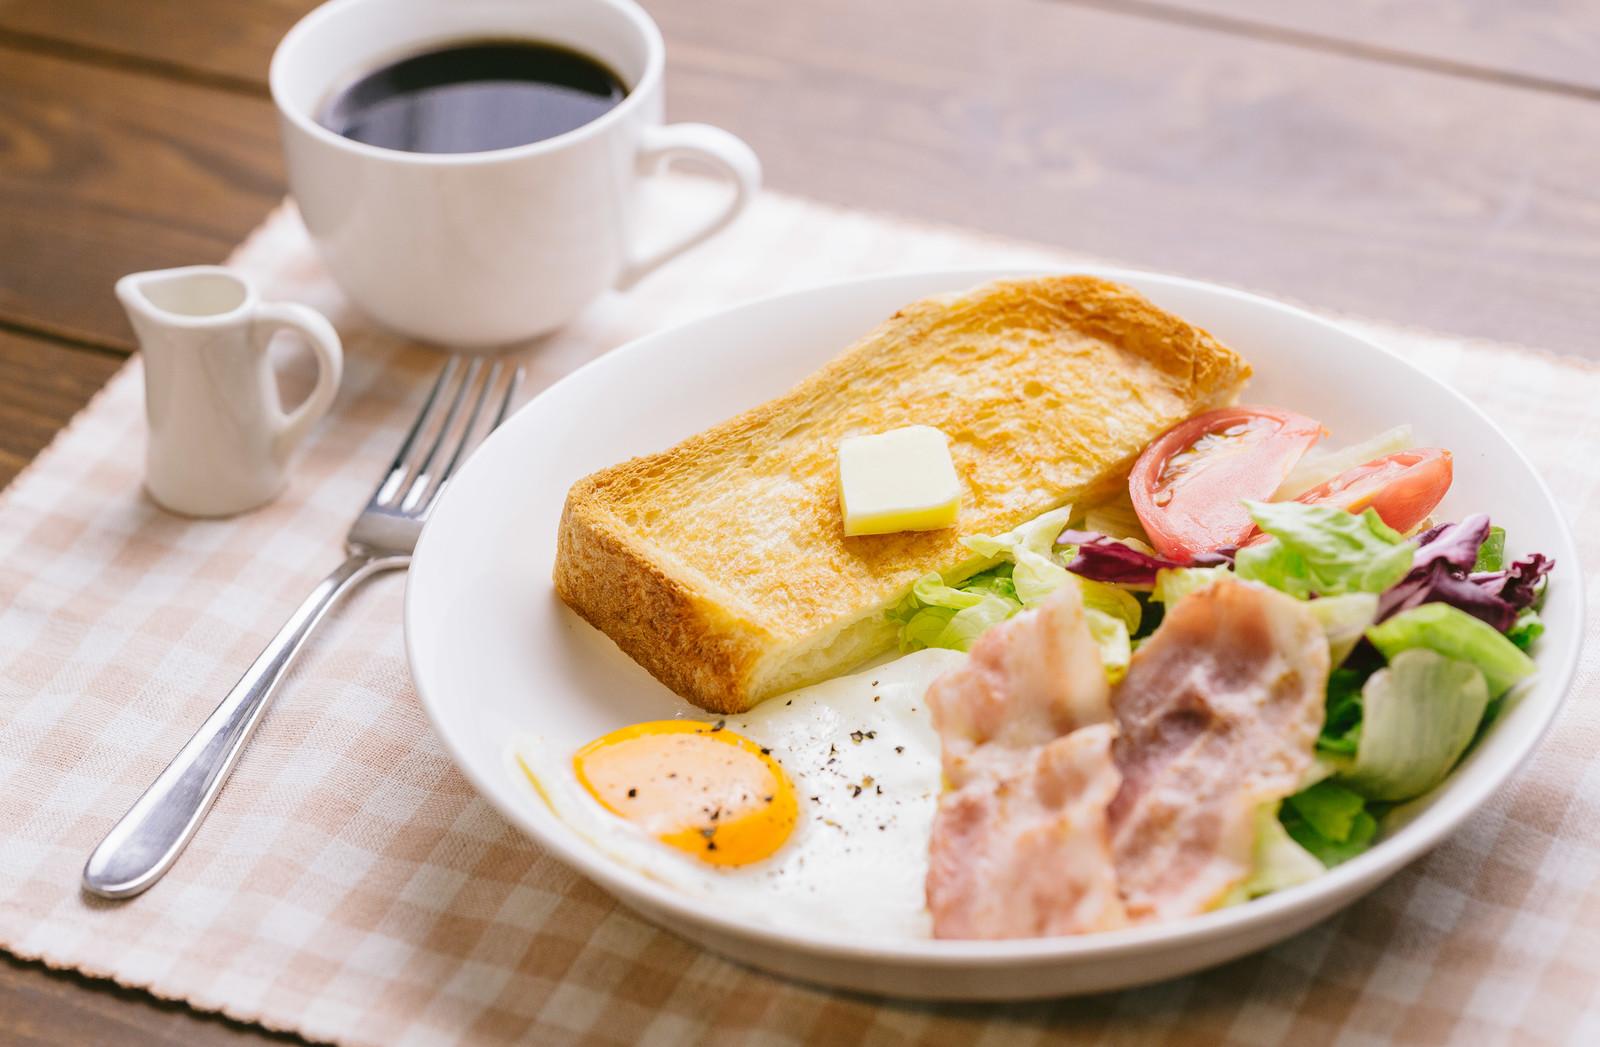 朝食はダイエットの基本!しっかり食べて体内時計をリセットしよう